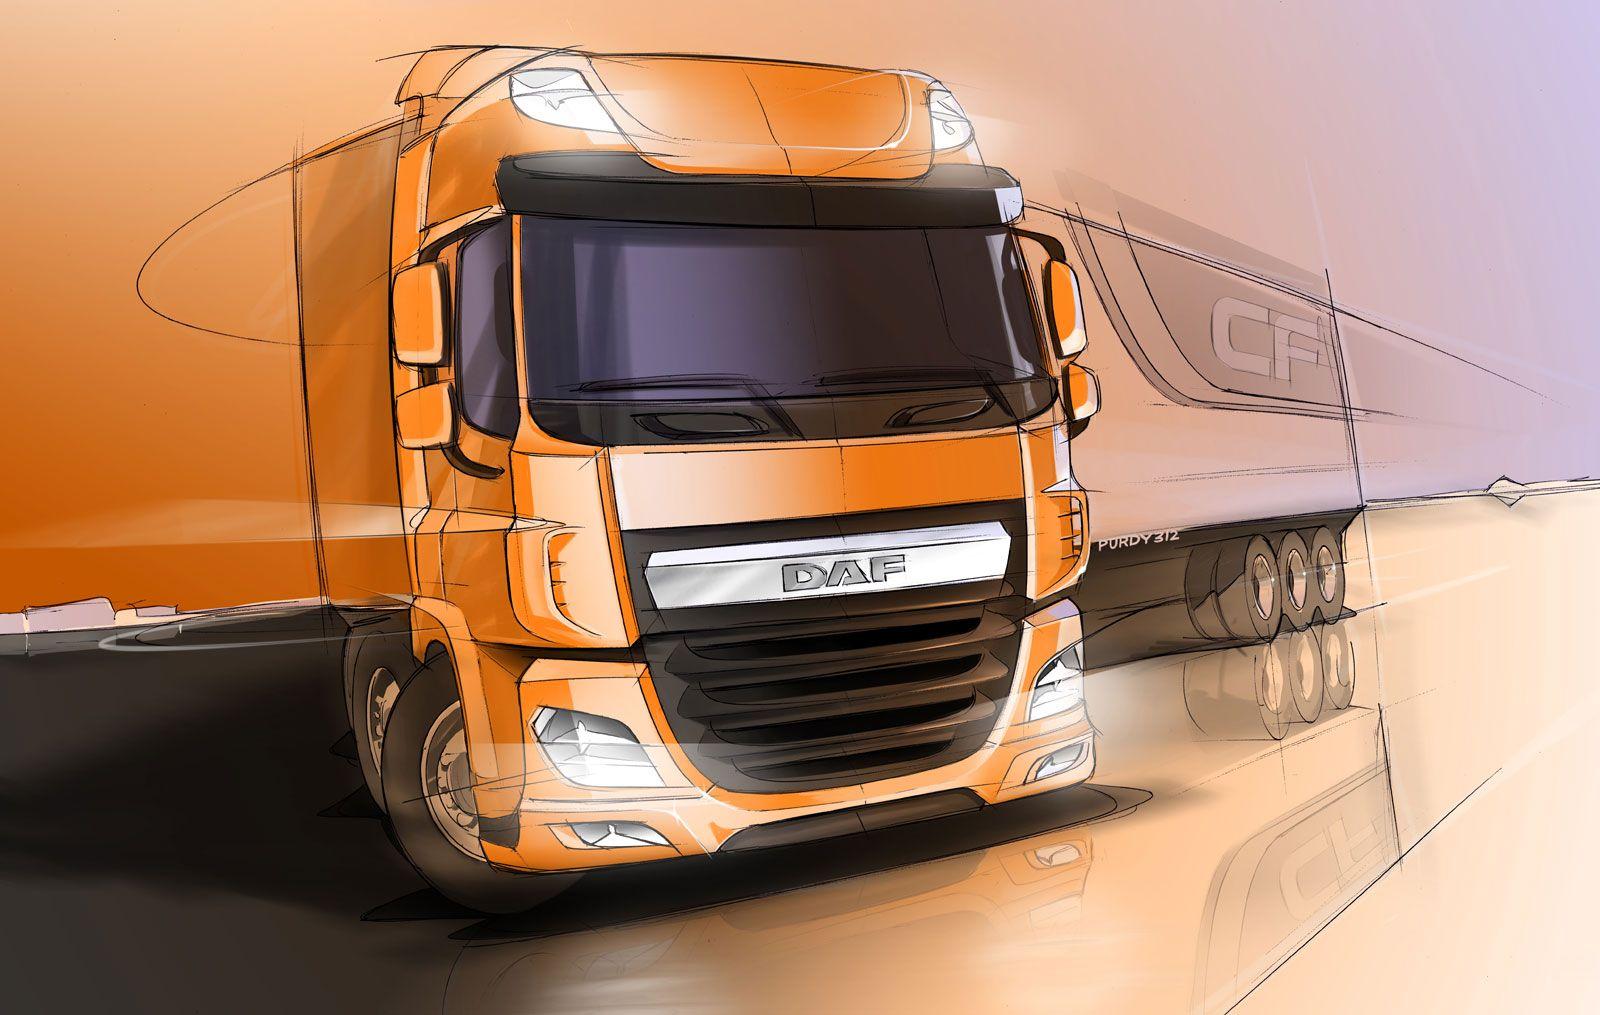 Daf Cf Design Sketch Truck Design Concept Car Design Automotive Design